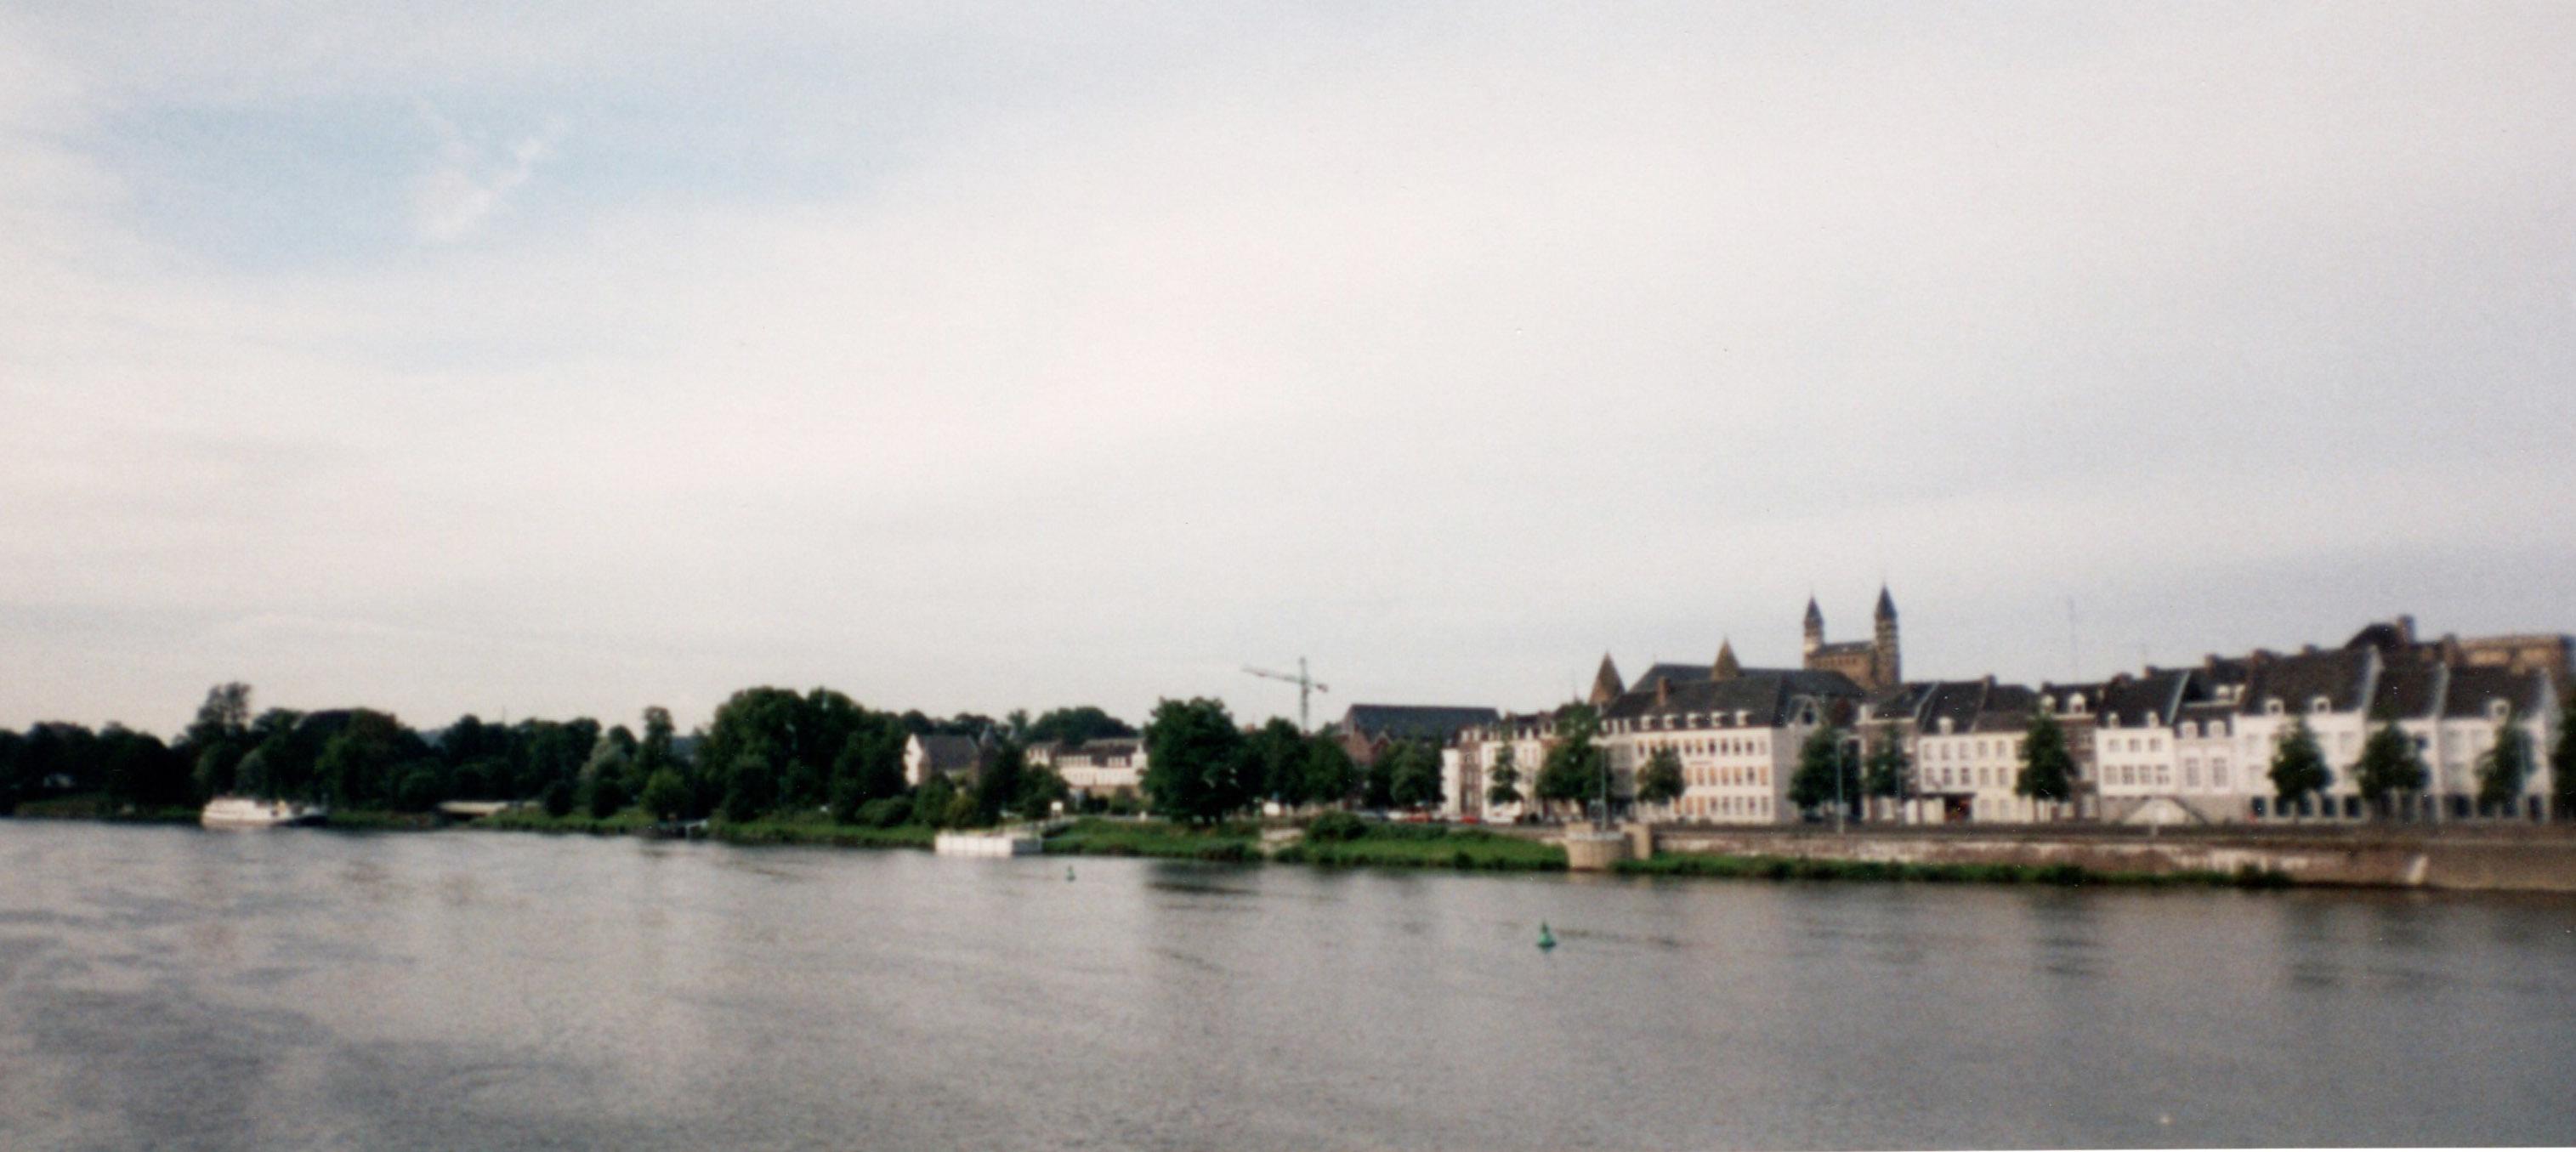 オランダ最古の町、マーストリヒト_d0193569_07564136.jpg